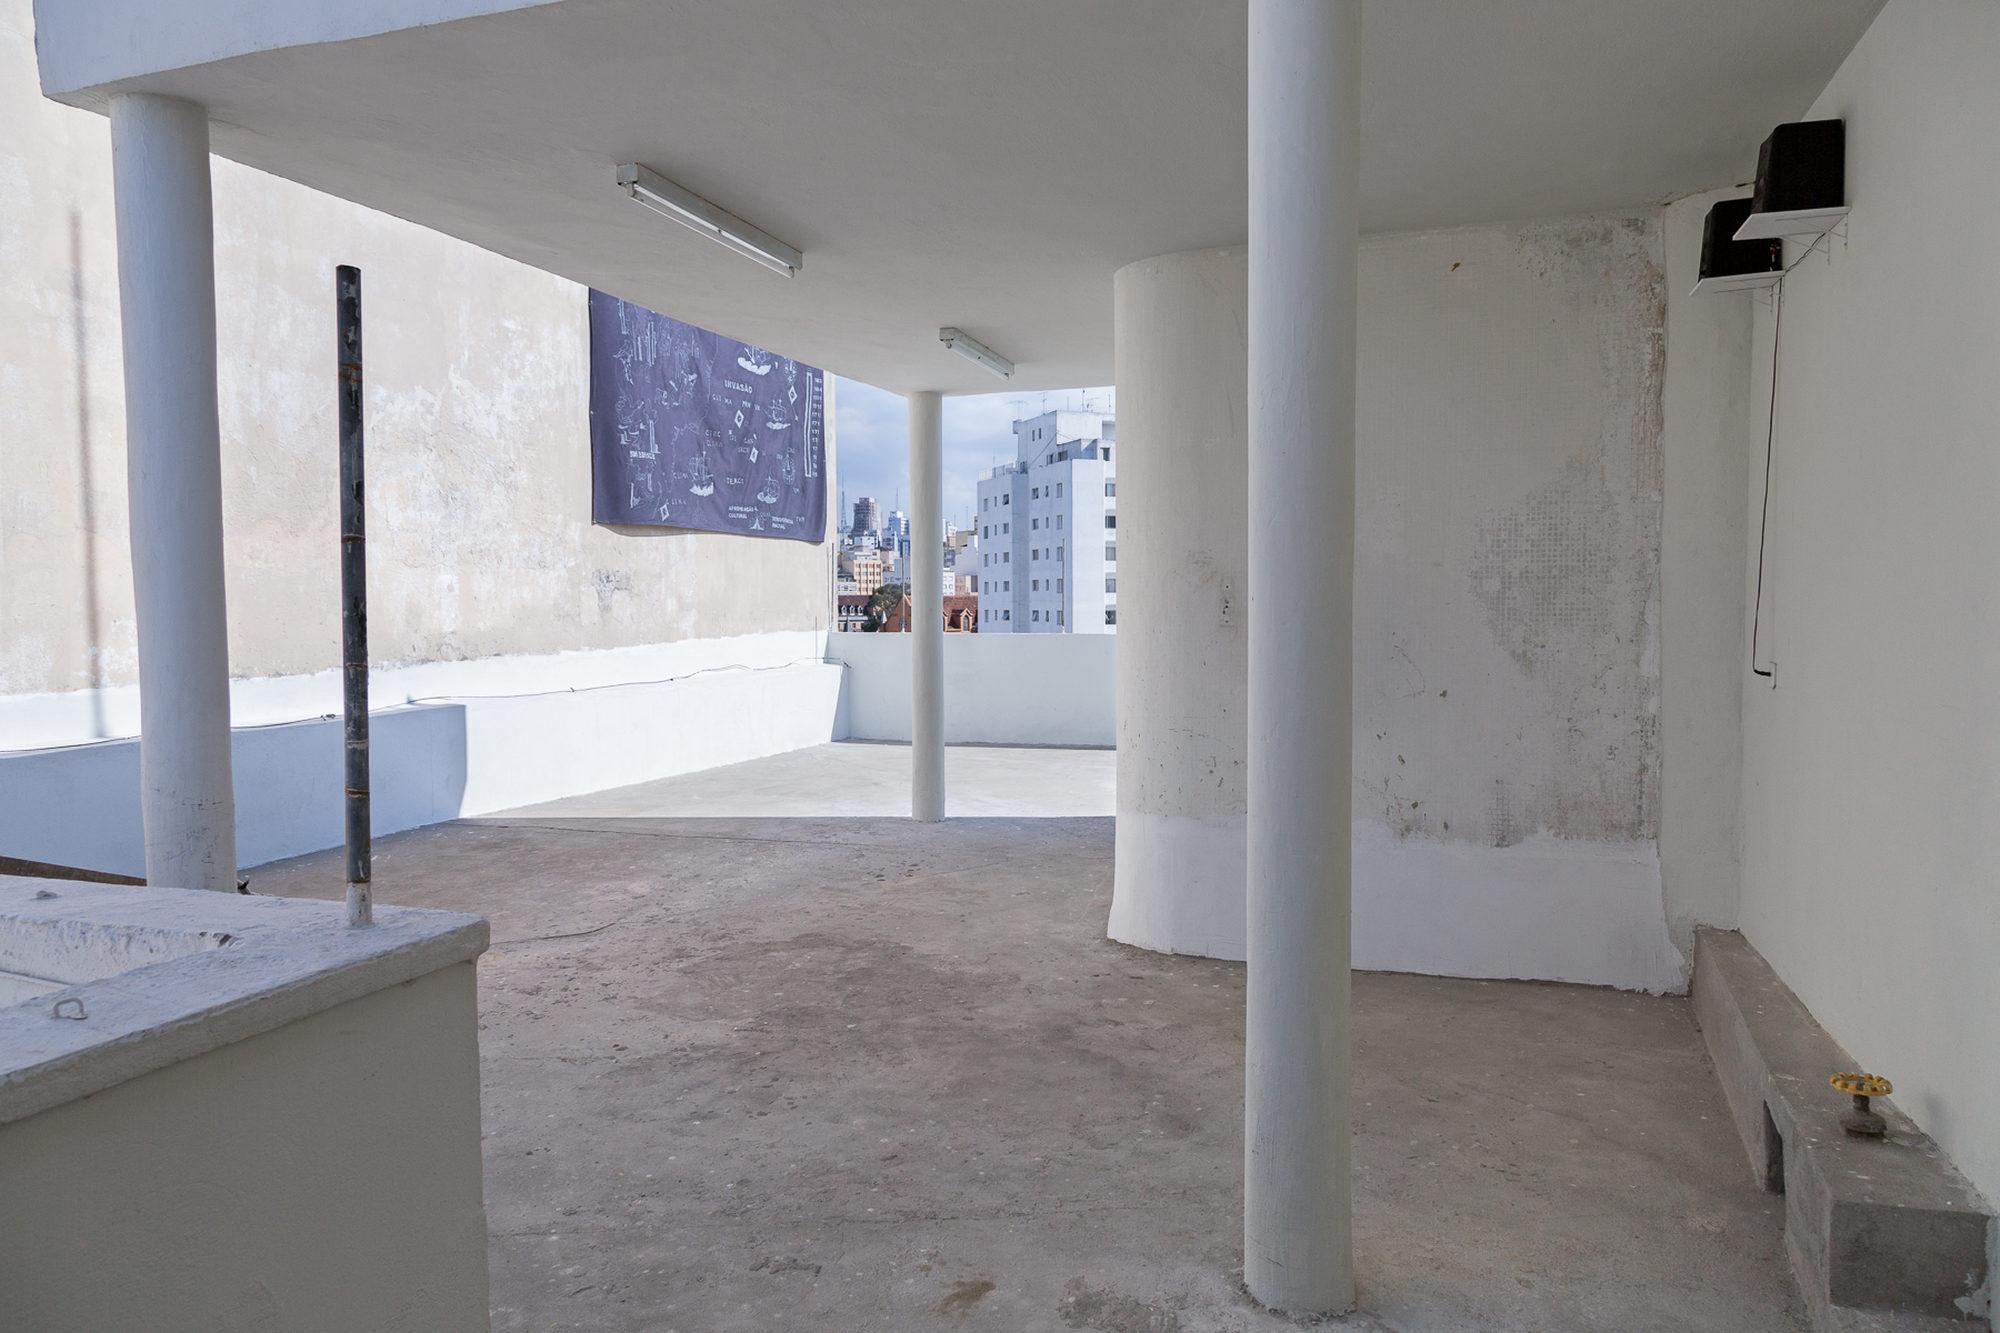 1 Observatório - Voragem da História - Vista da exposição